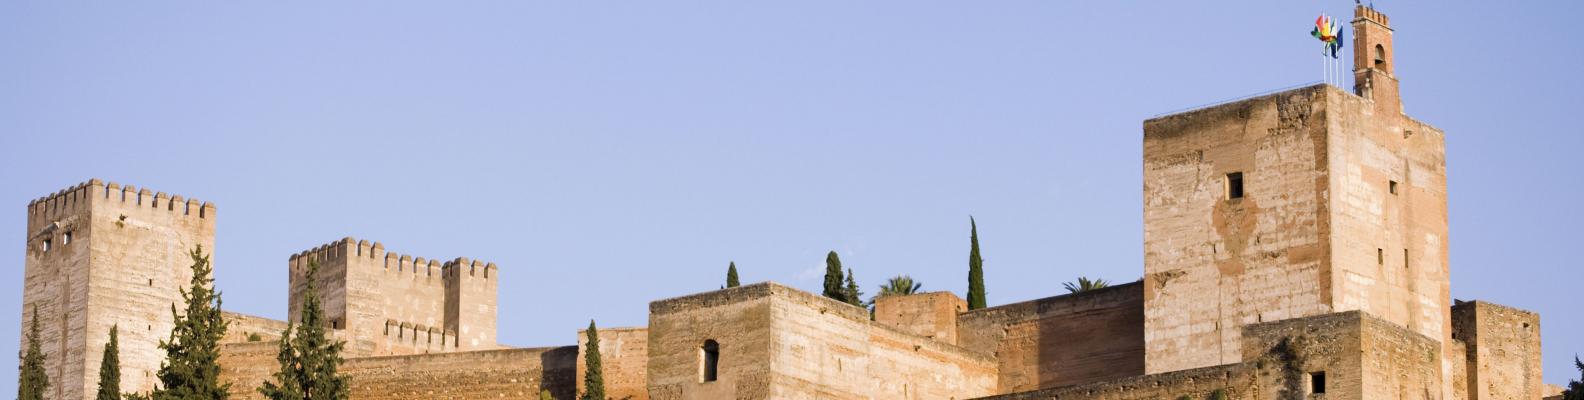 La Alhambra de Granada - Panorámica